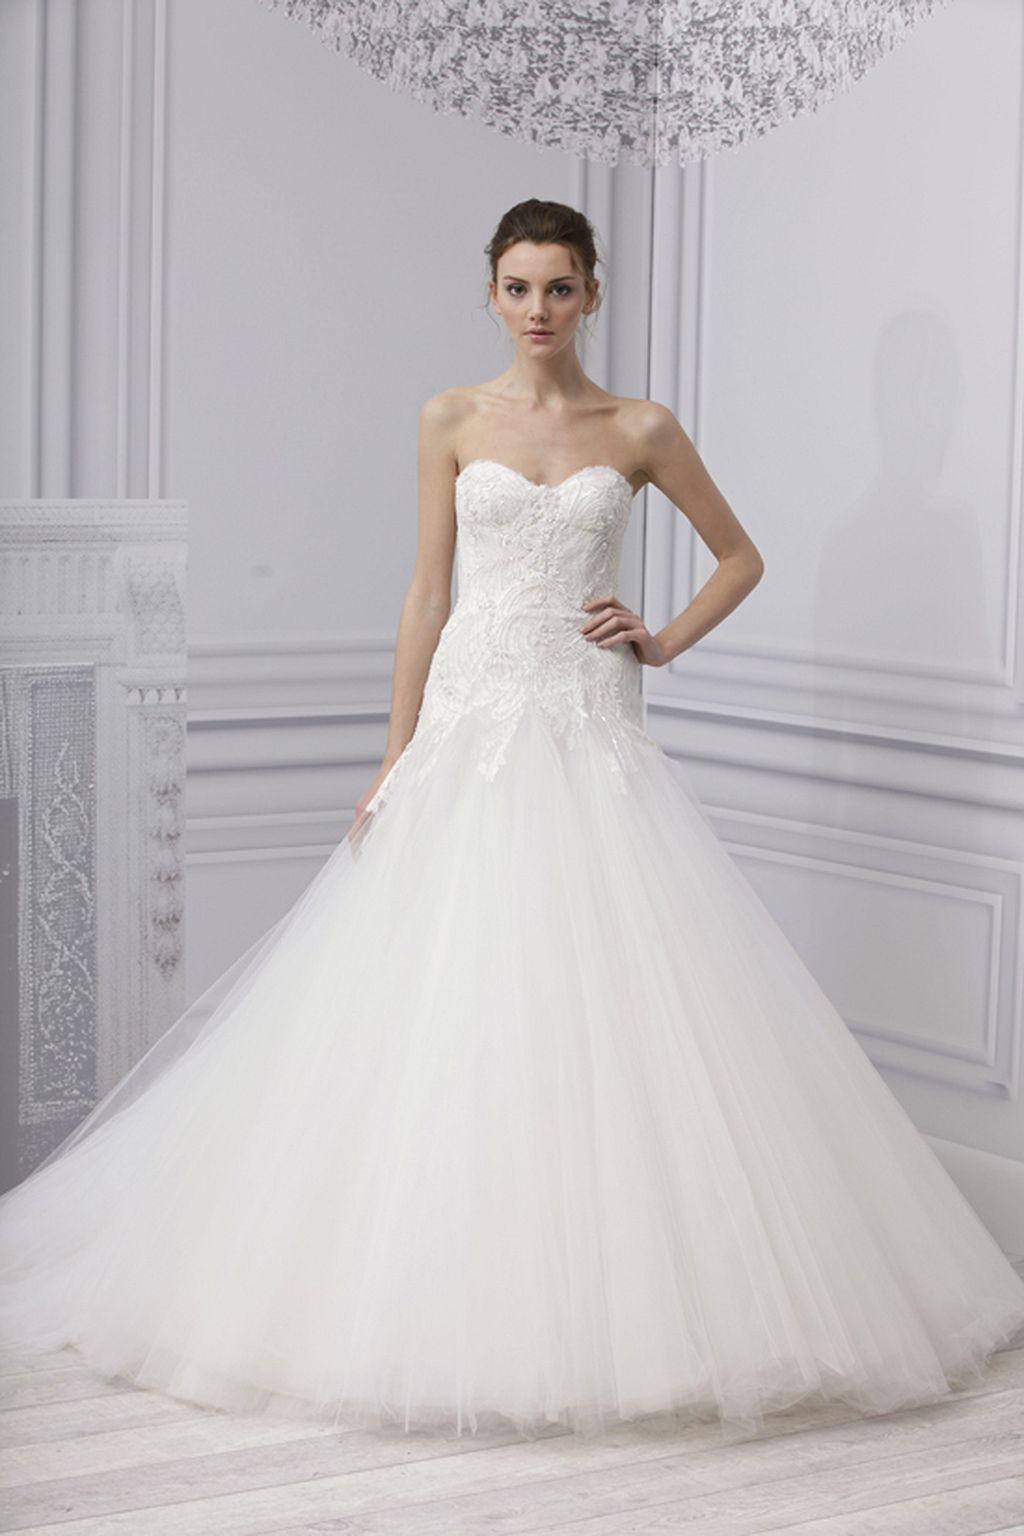 Modern vintage wedding dresses   Gorgeous Classic Wedding Dress  Classic weddings Dress attire